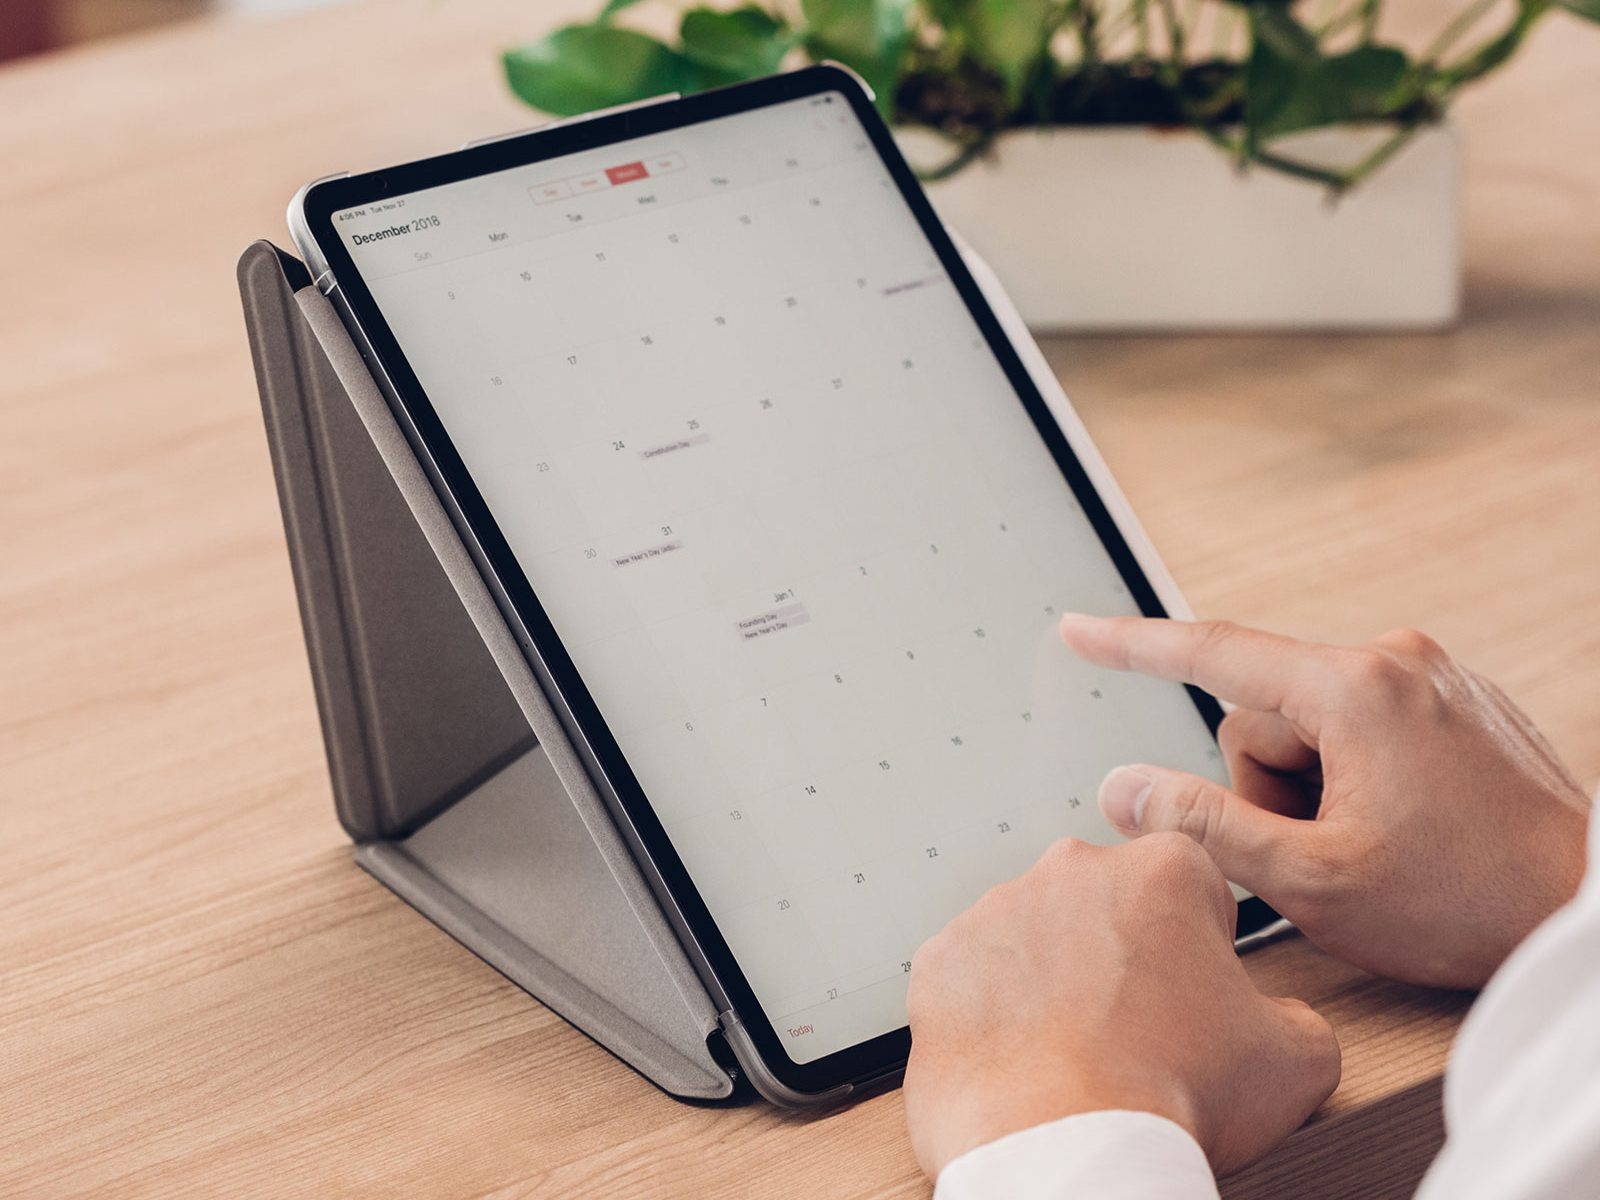 Продажа чехлов для iPad Pro 12.9″ M1 (2021) в Киеве